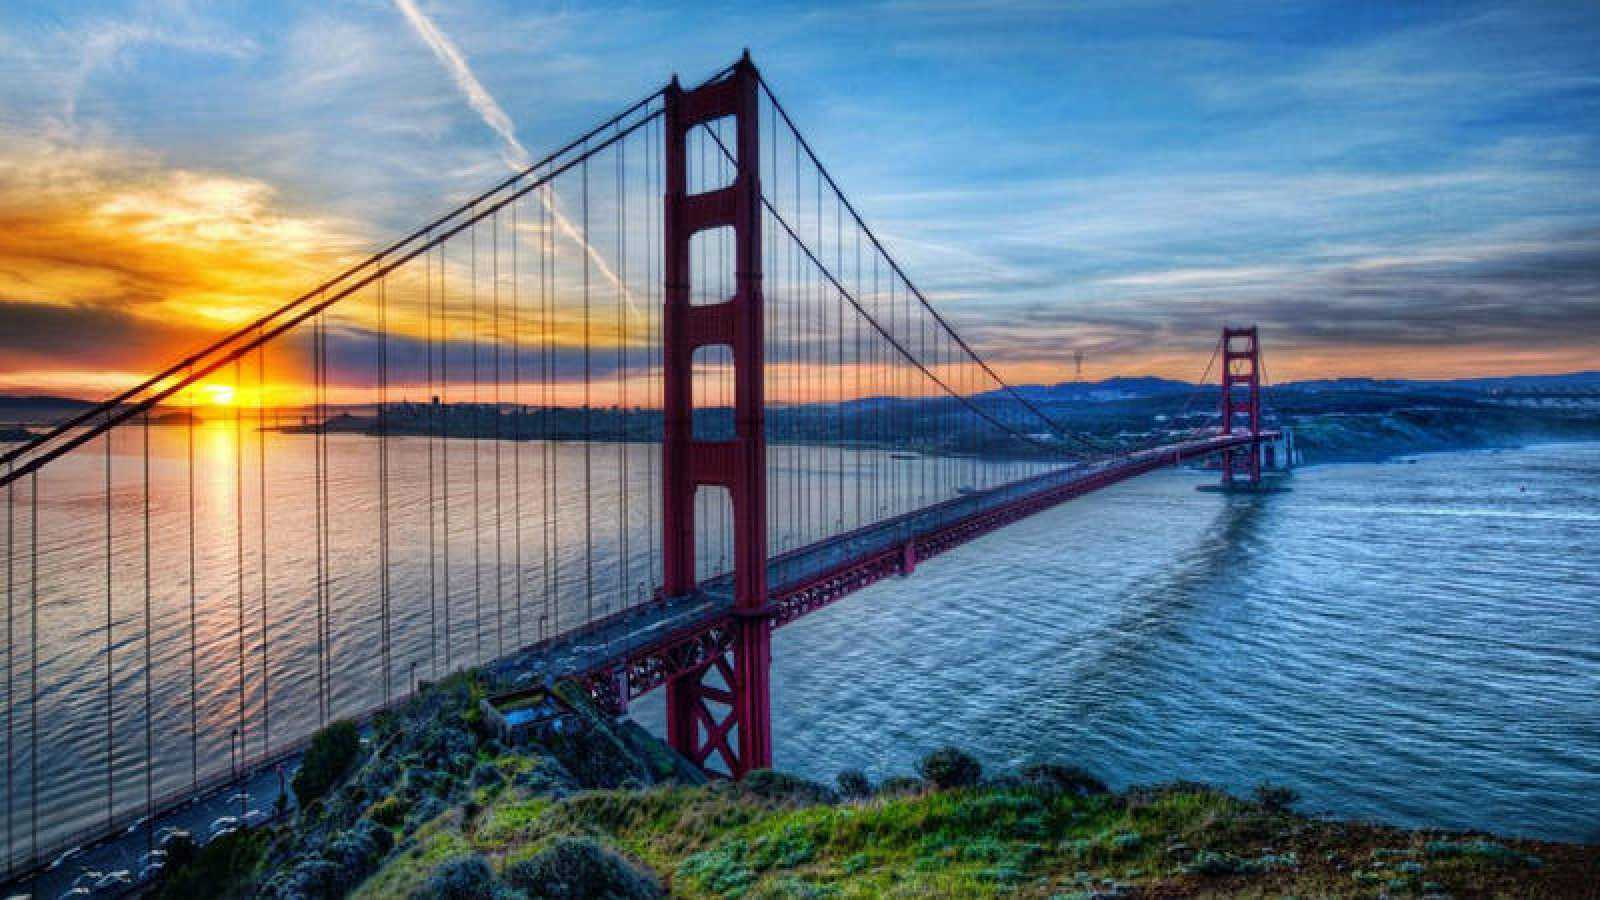 El Golden Gate de San Francisco